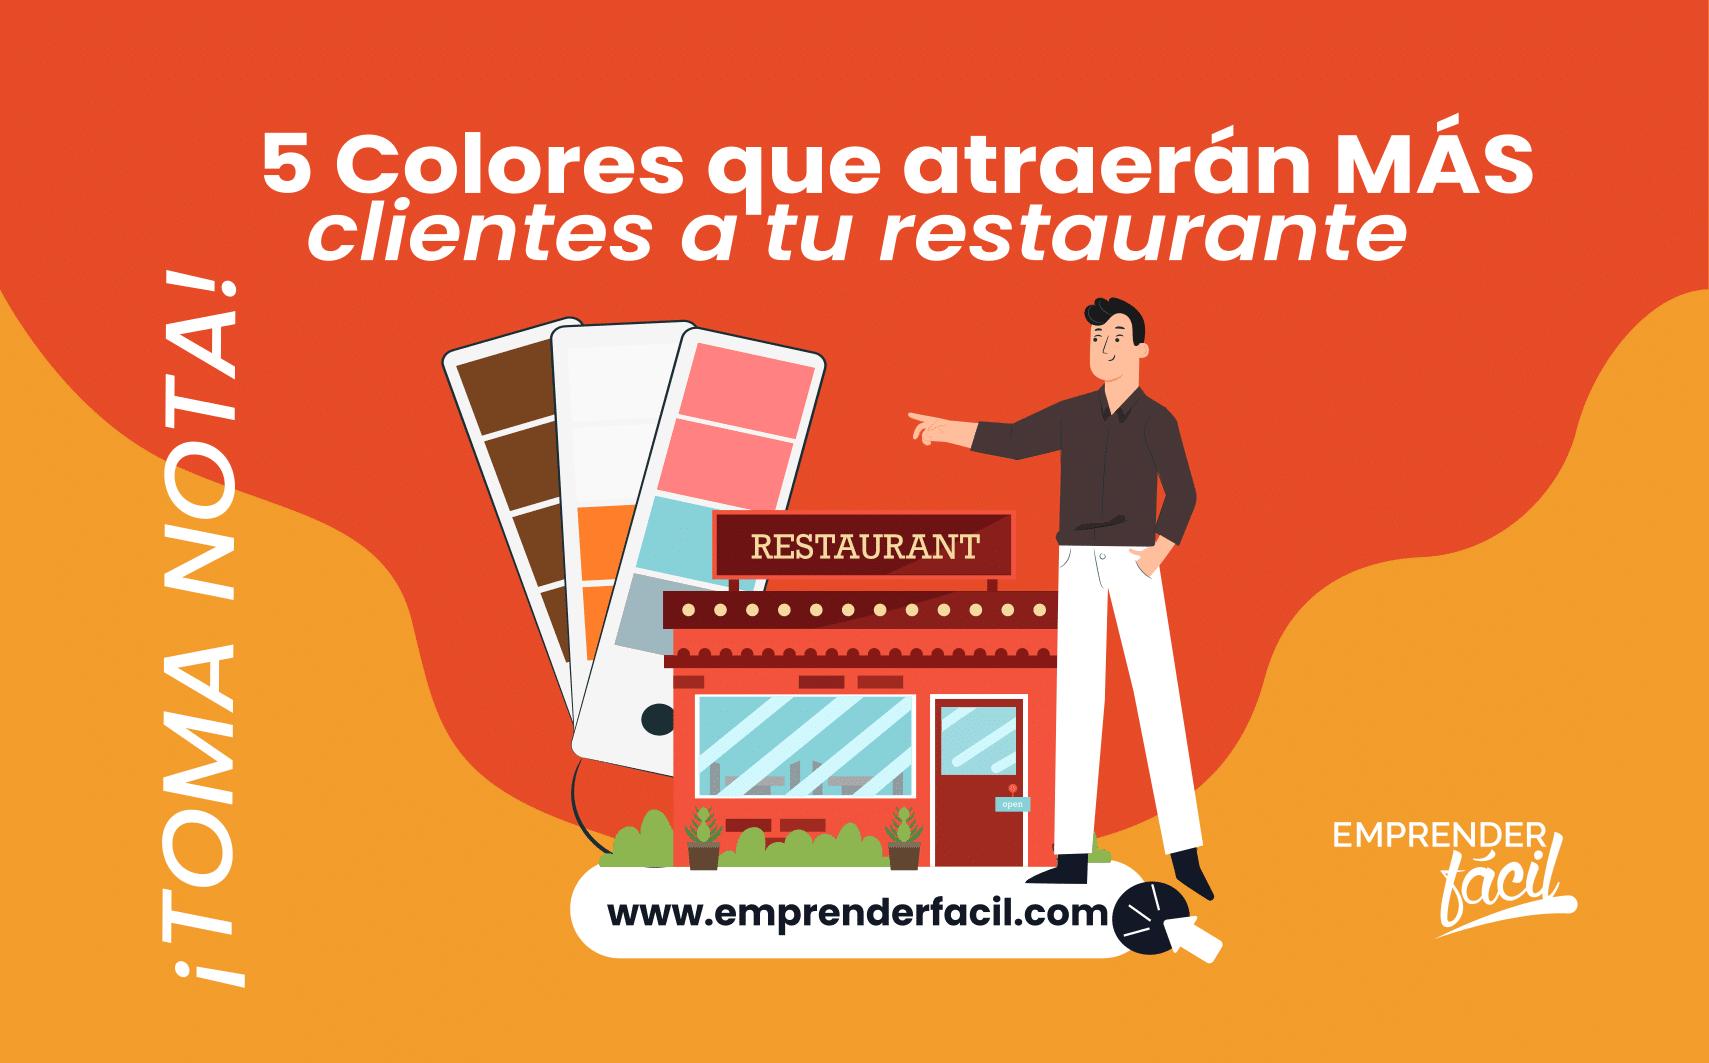 Colores para Restaurantes ¡Llamativos y exquisitos! 5